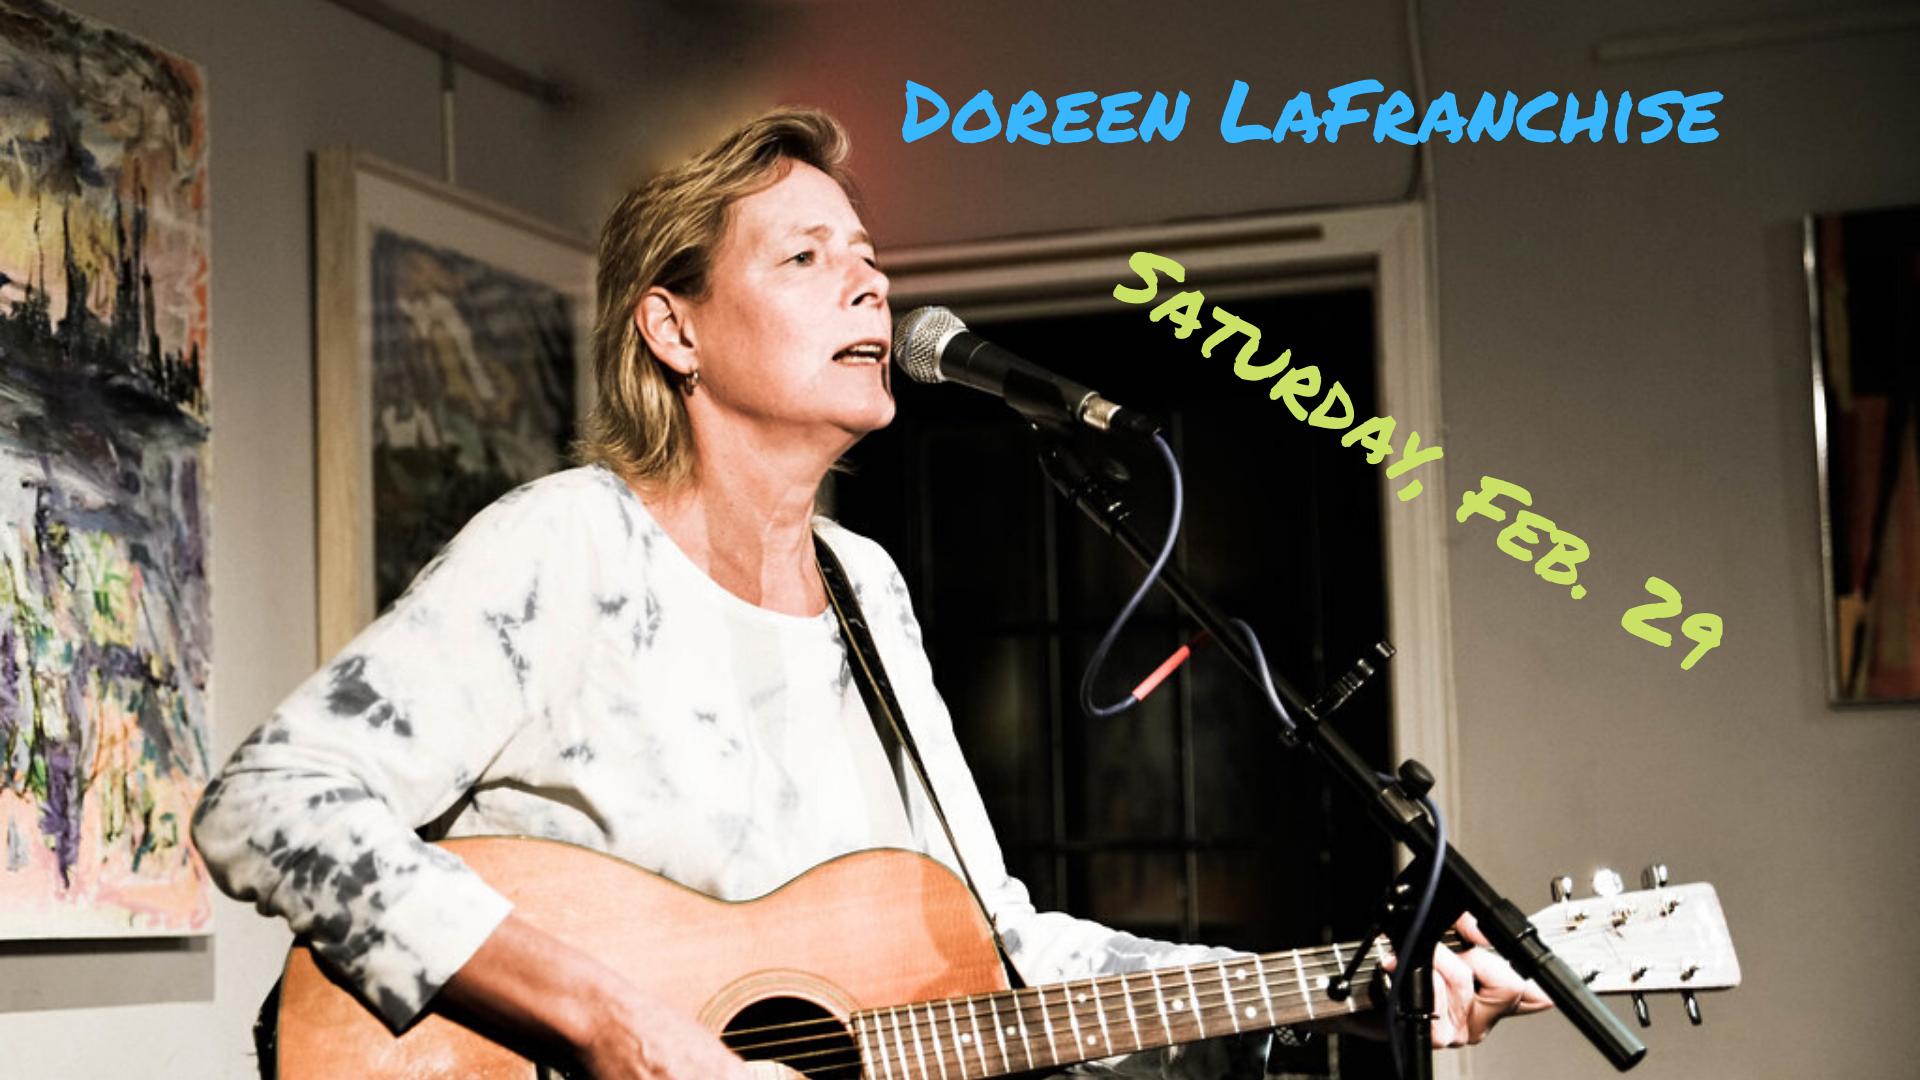 Doreen LaFranchise February 29 2020